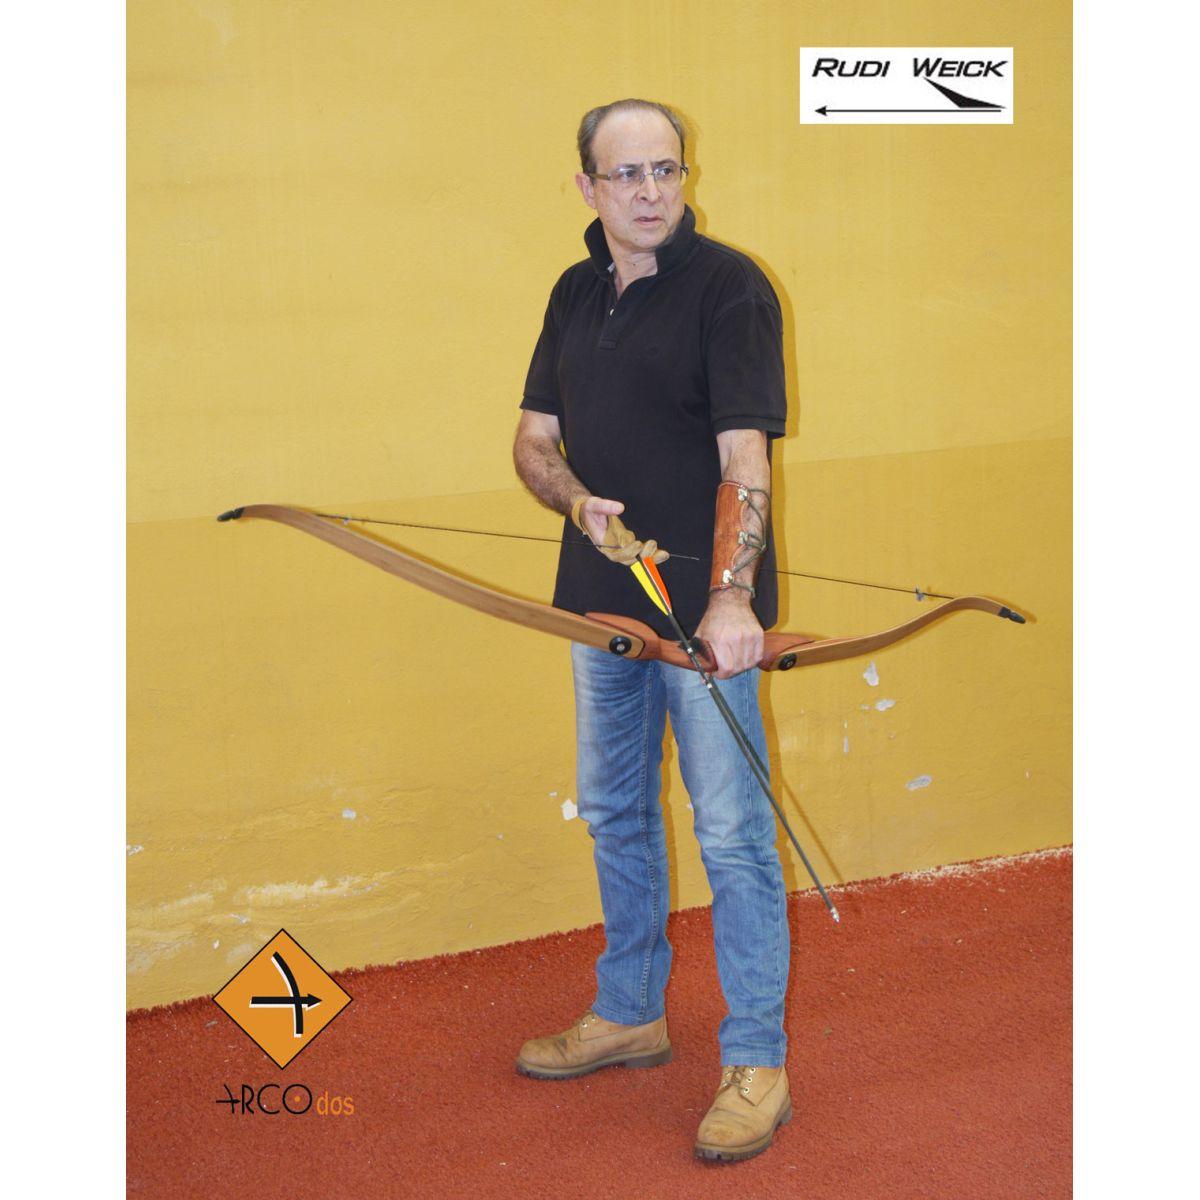 RUDI WEICK COBRA 62 - Caza con arco y arquería